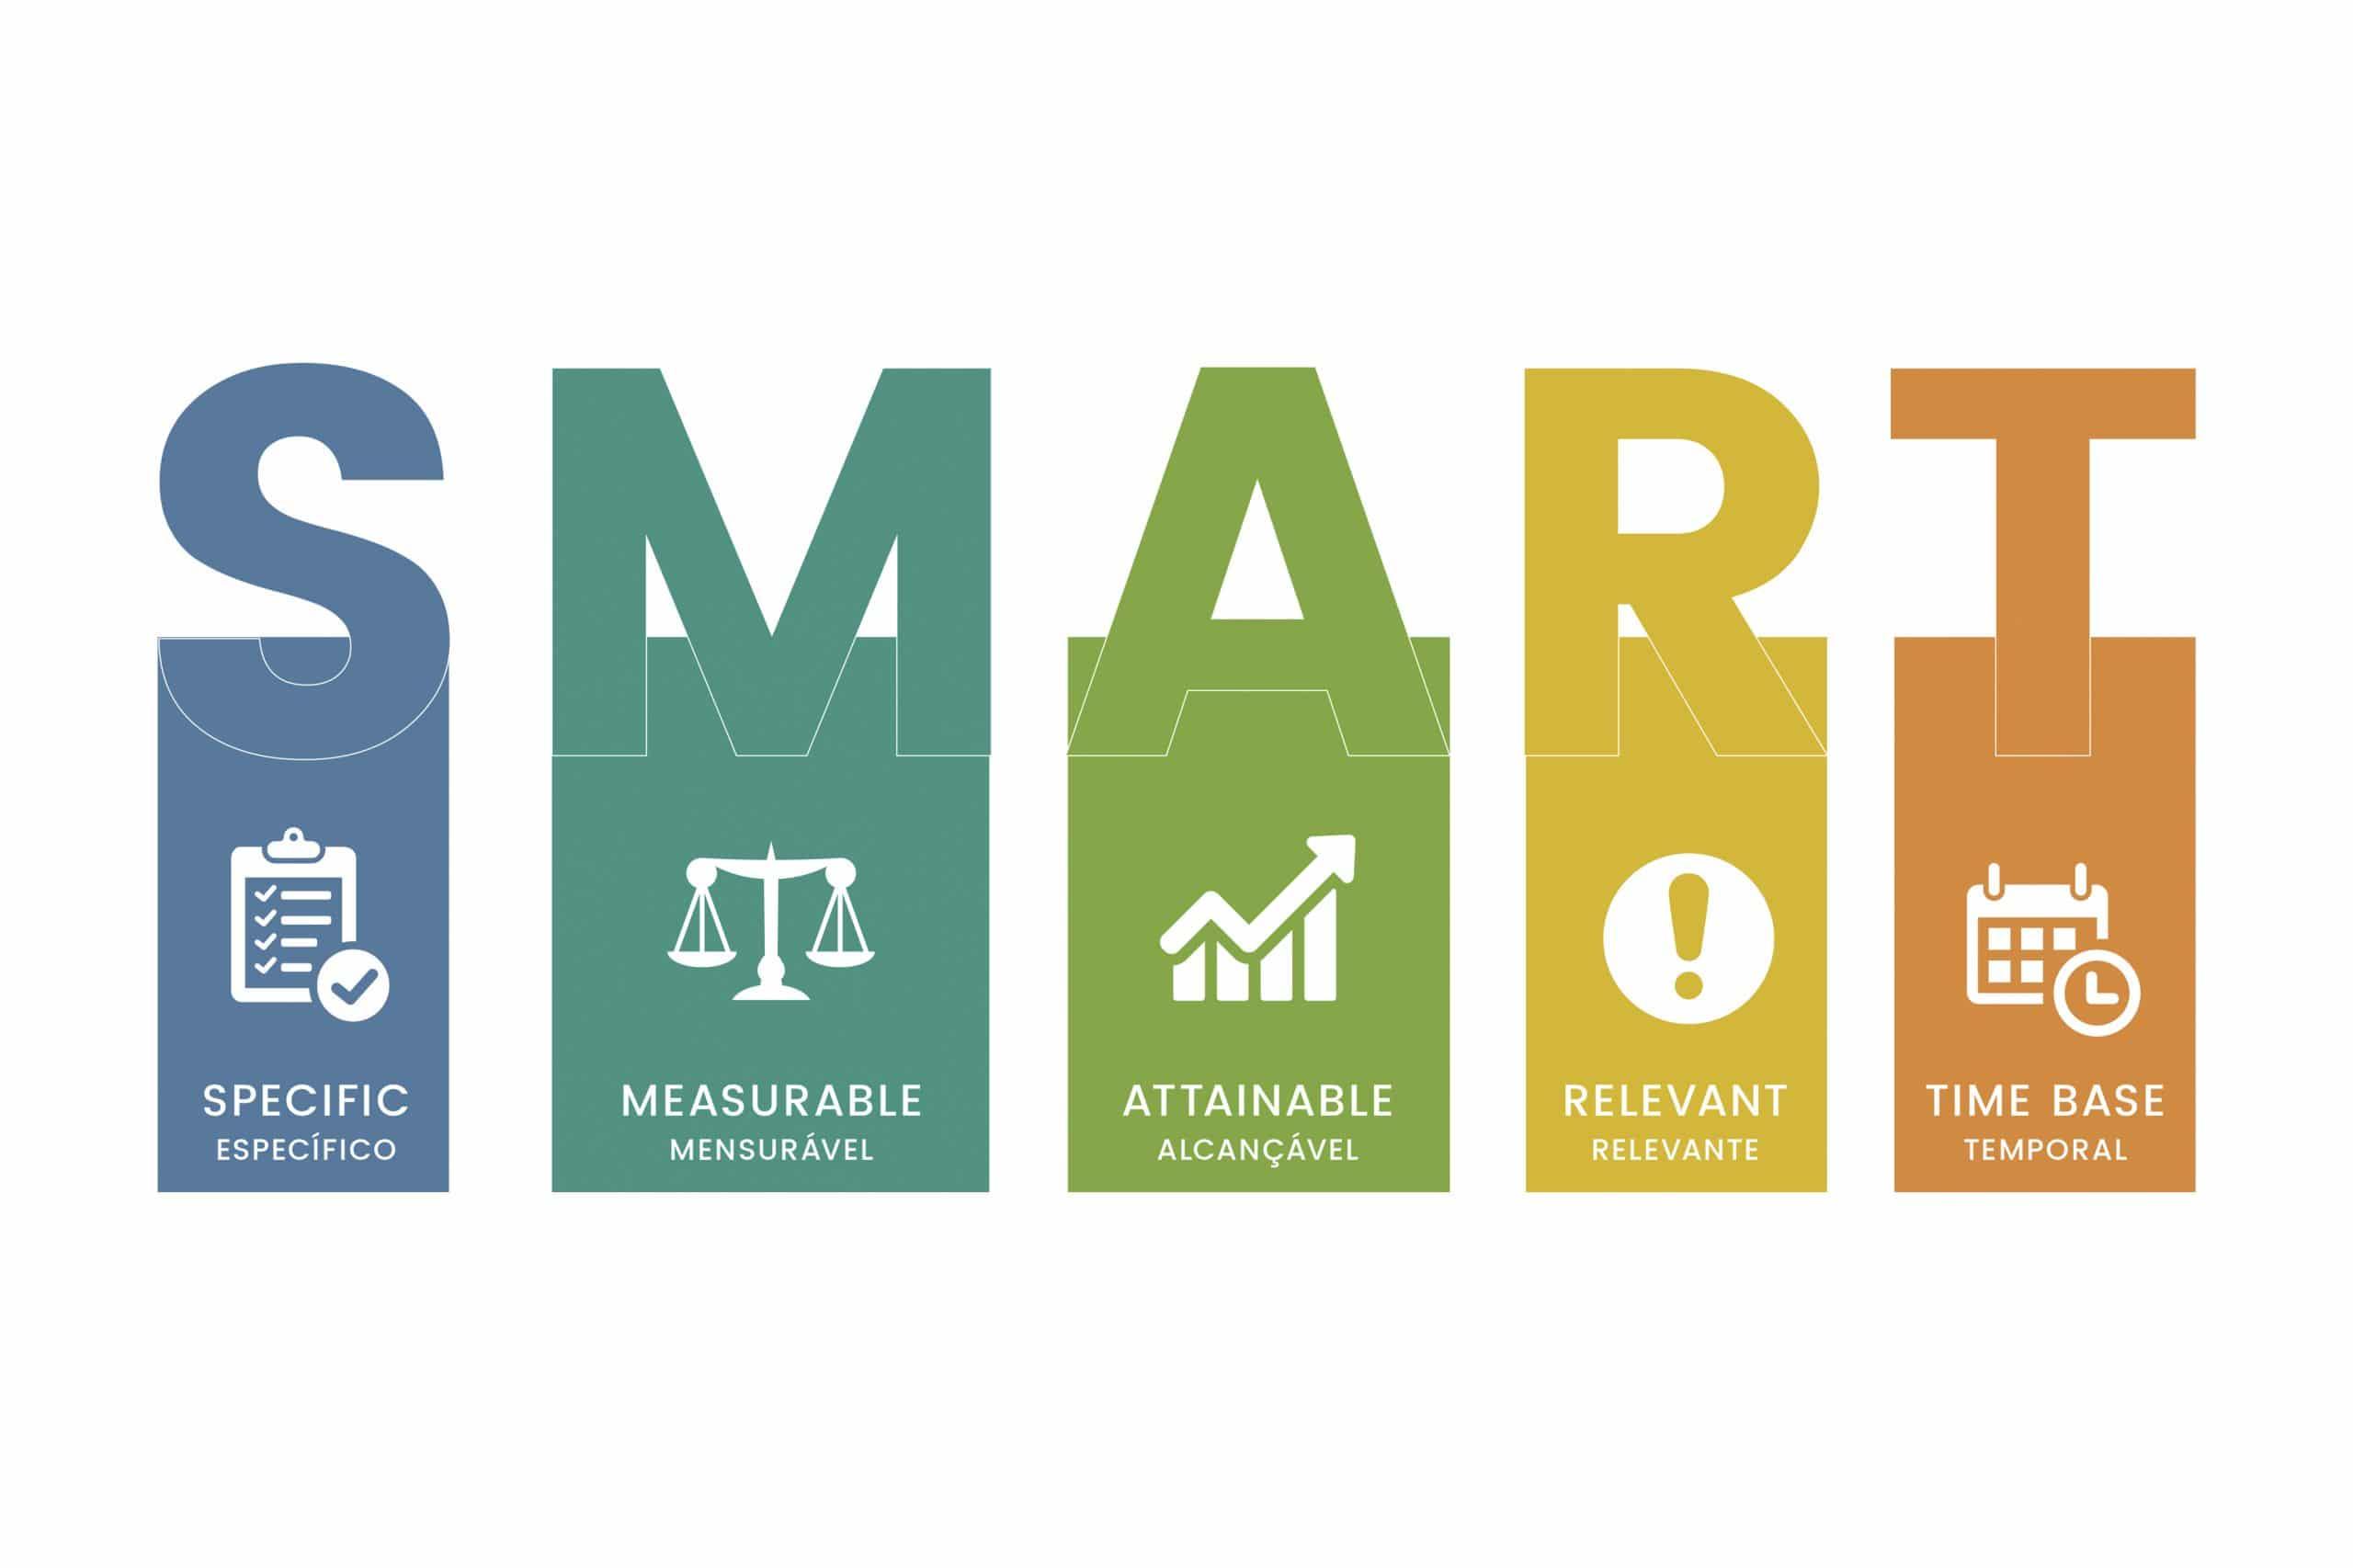 Método Smart: Como definir e alcançar suas metas?